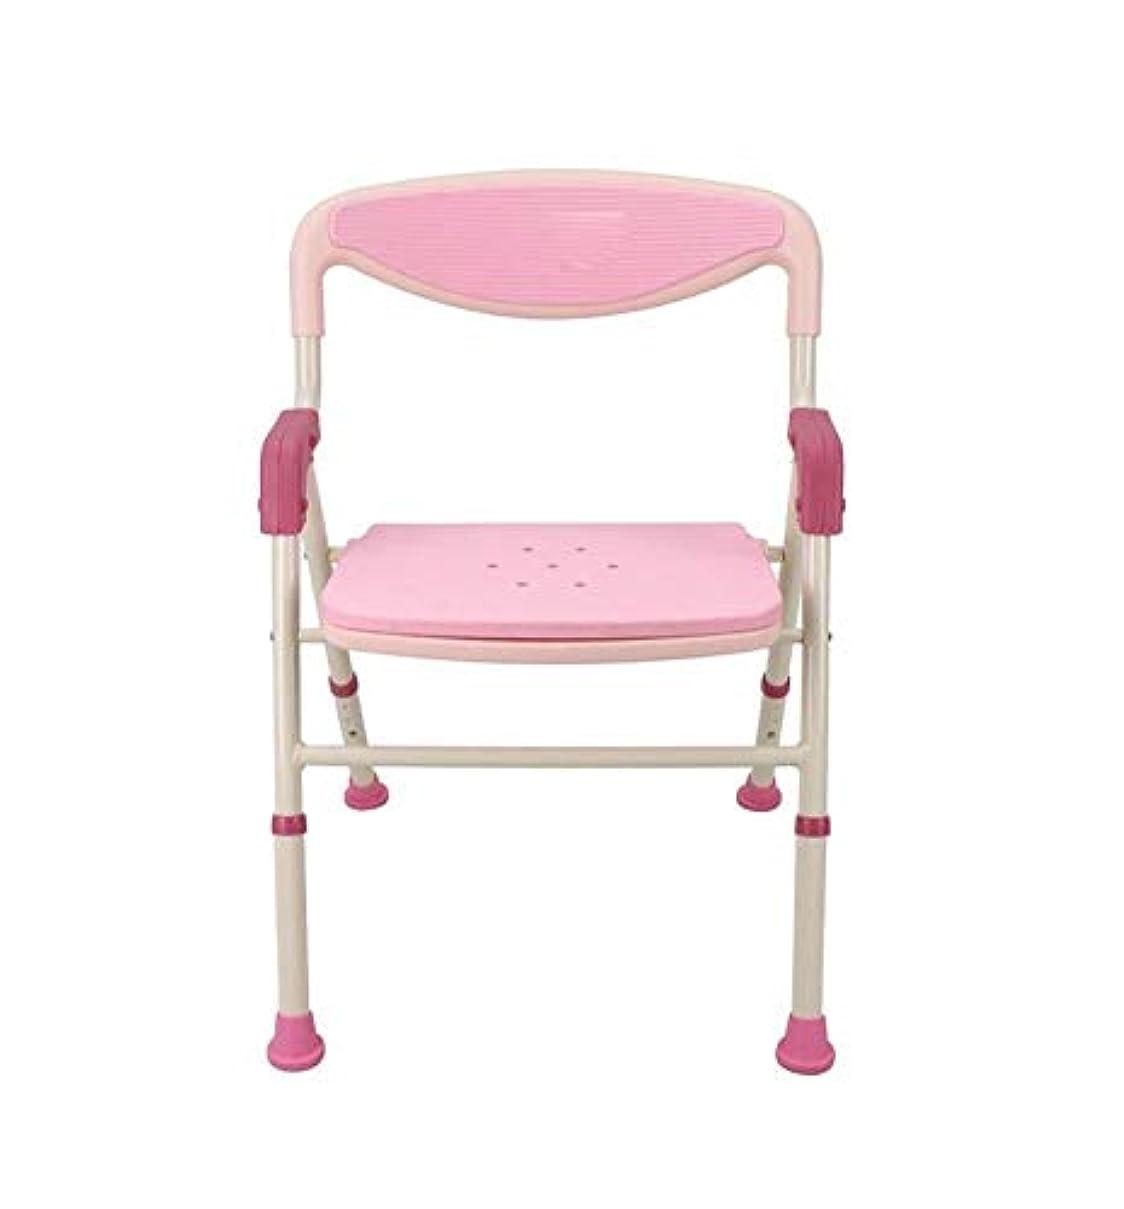 大学院サイレン胚トイレチェアハンディキャップ用折りたたみ椅子 (Color : ピンク)